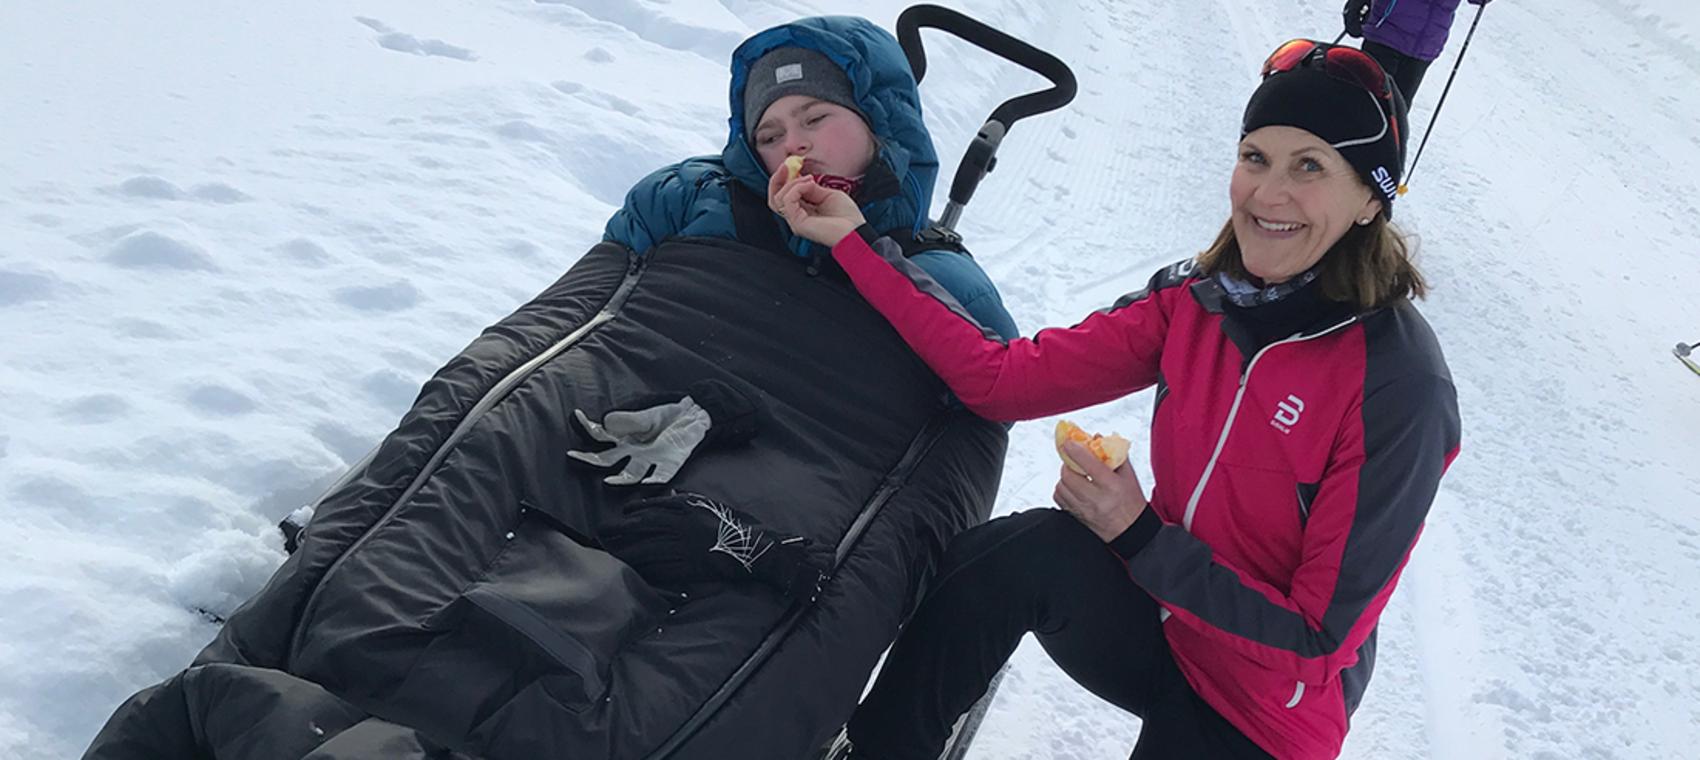 Funksjonhemmed ung jente ligger i en pulk i skisporet, ved siden av sitter moren.